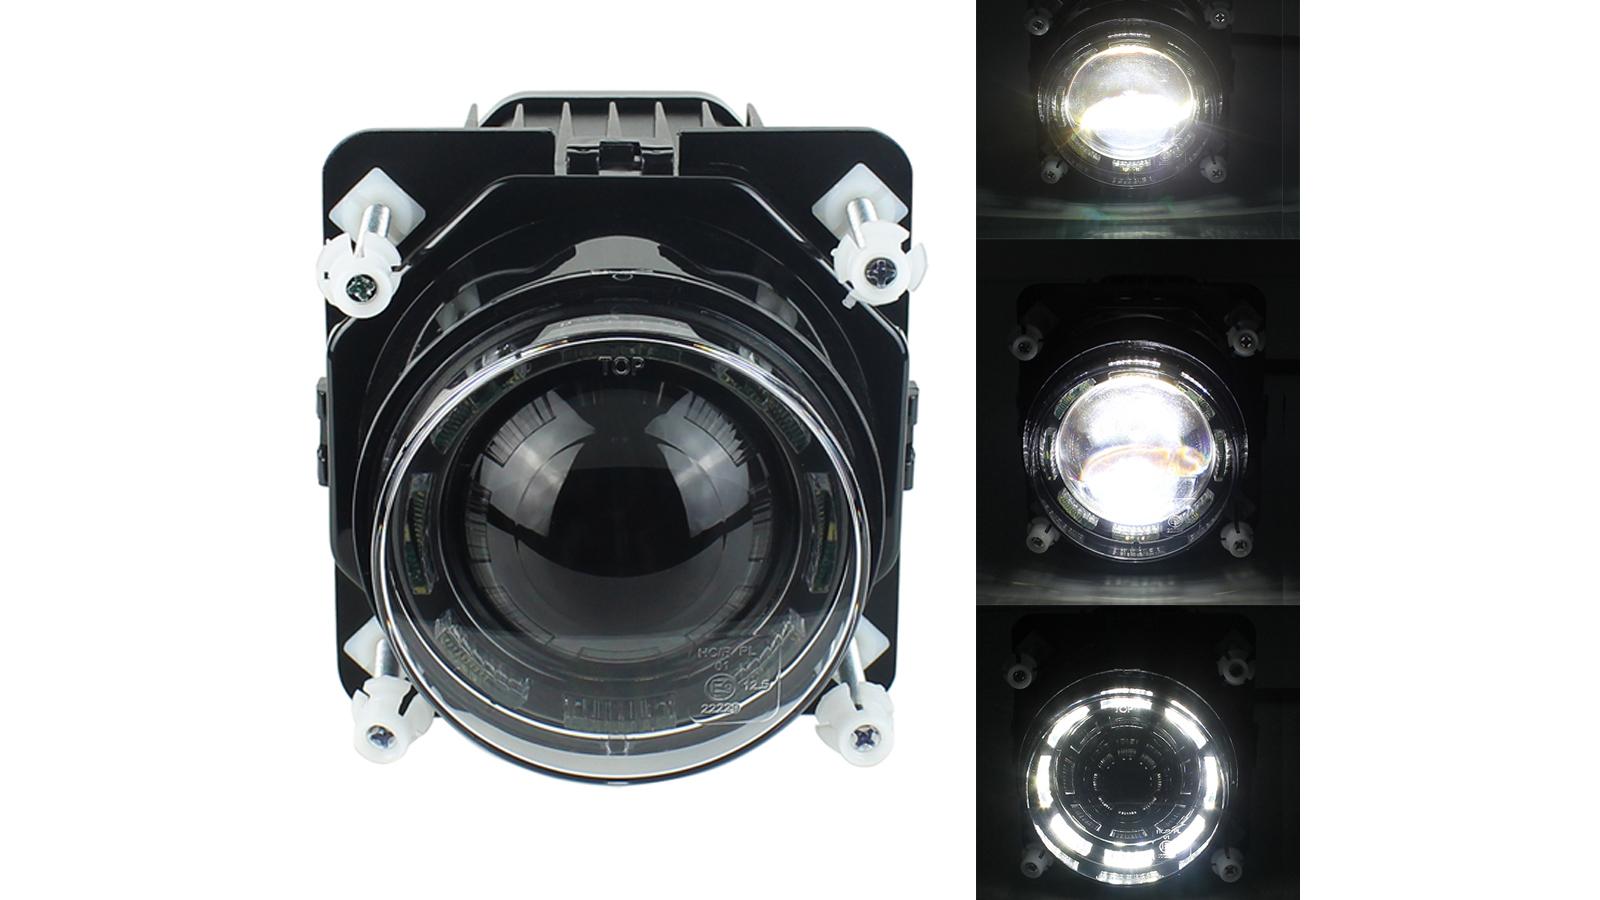 カスタマイズされた90mm LEDのヘッドライト30W LEDの仕事の運転ランプは、中国からのユニバーサルバスのオートバイの製造業者のための作業灯を導きました